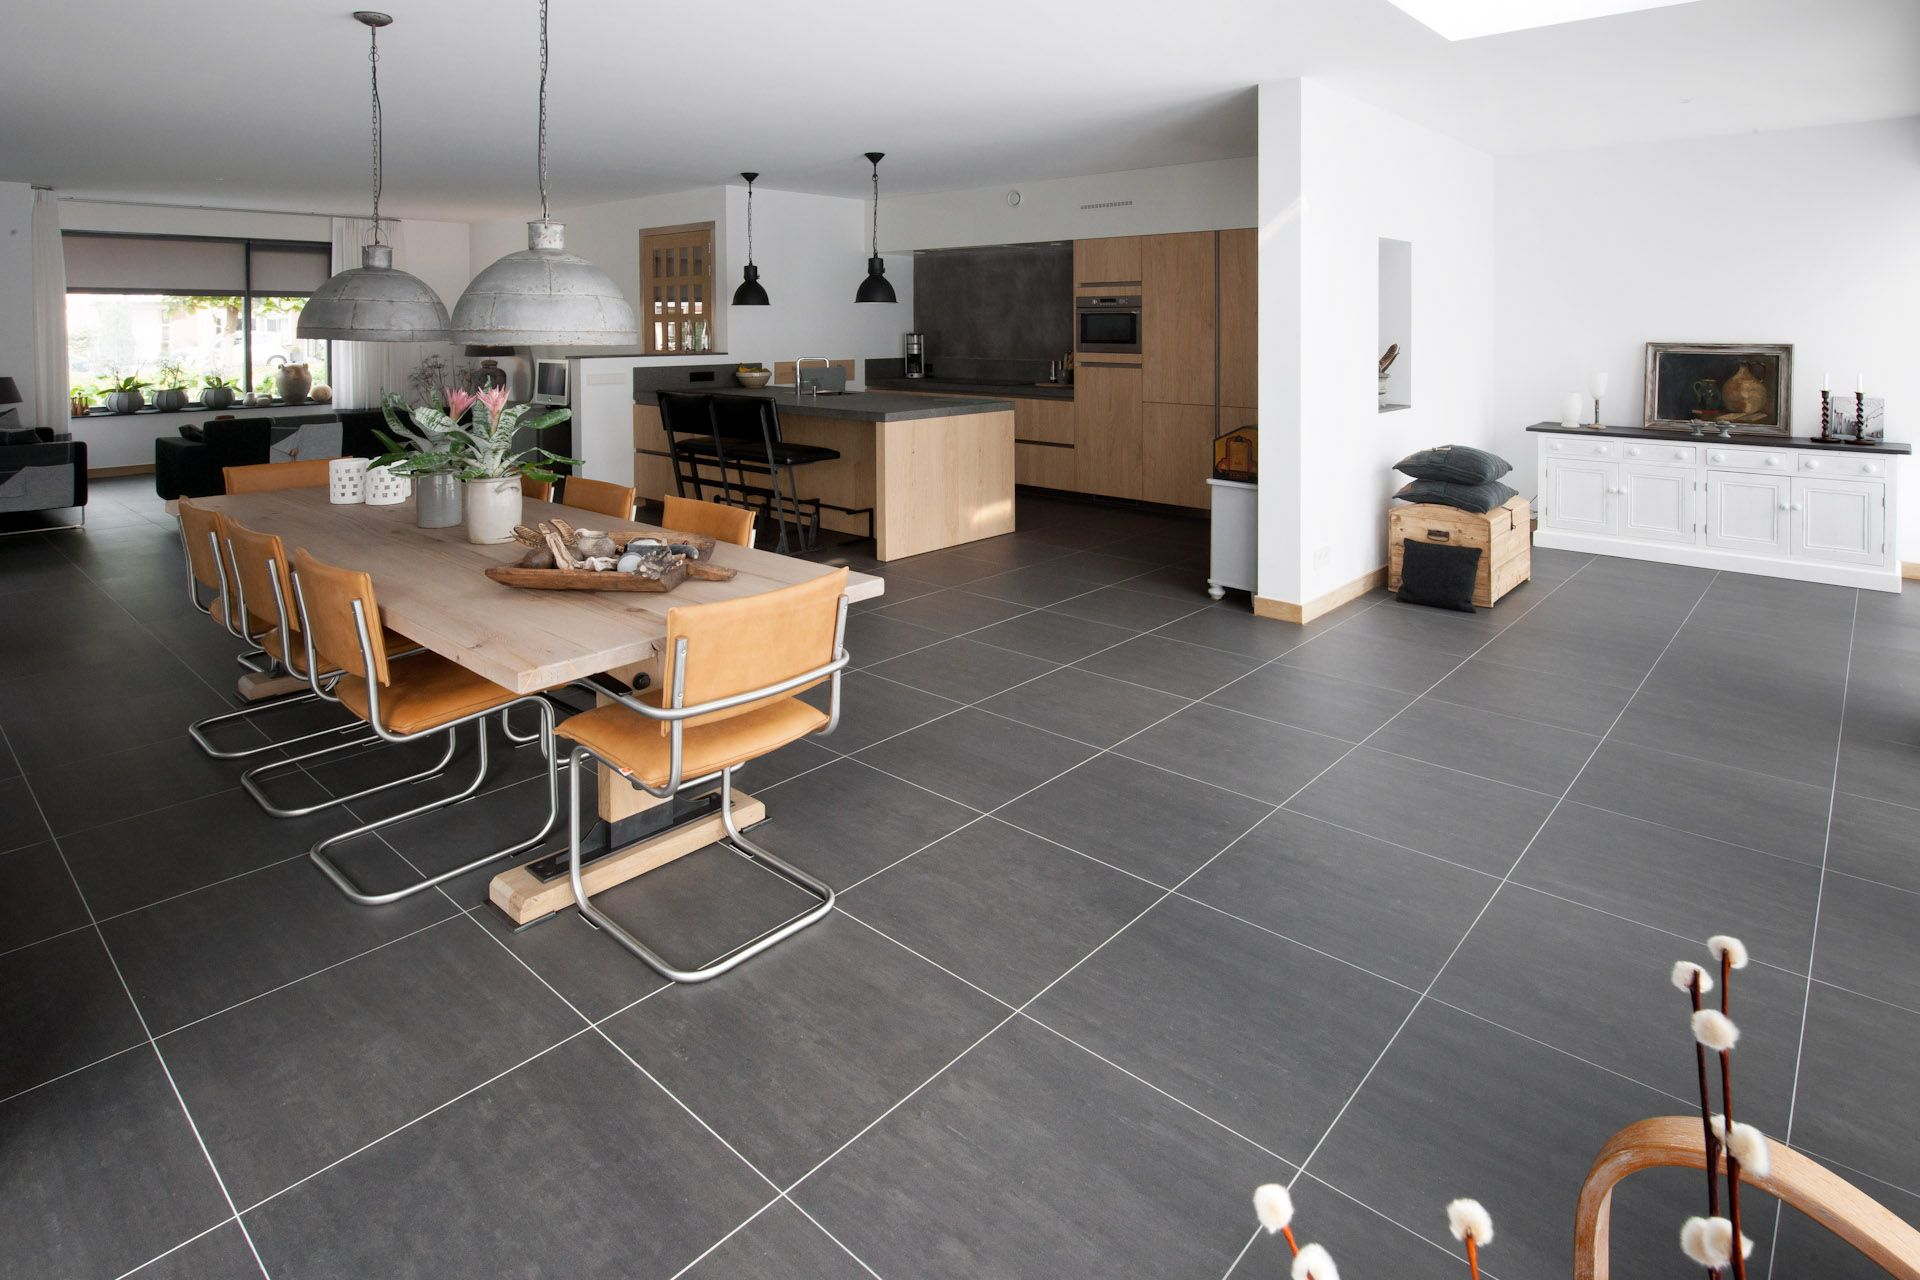 Vloertegels kopen - KROON Vloeren in Steen - vloer | Pinterest ...